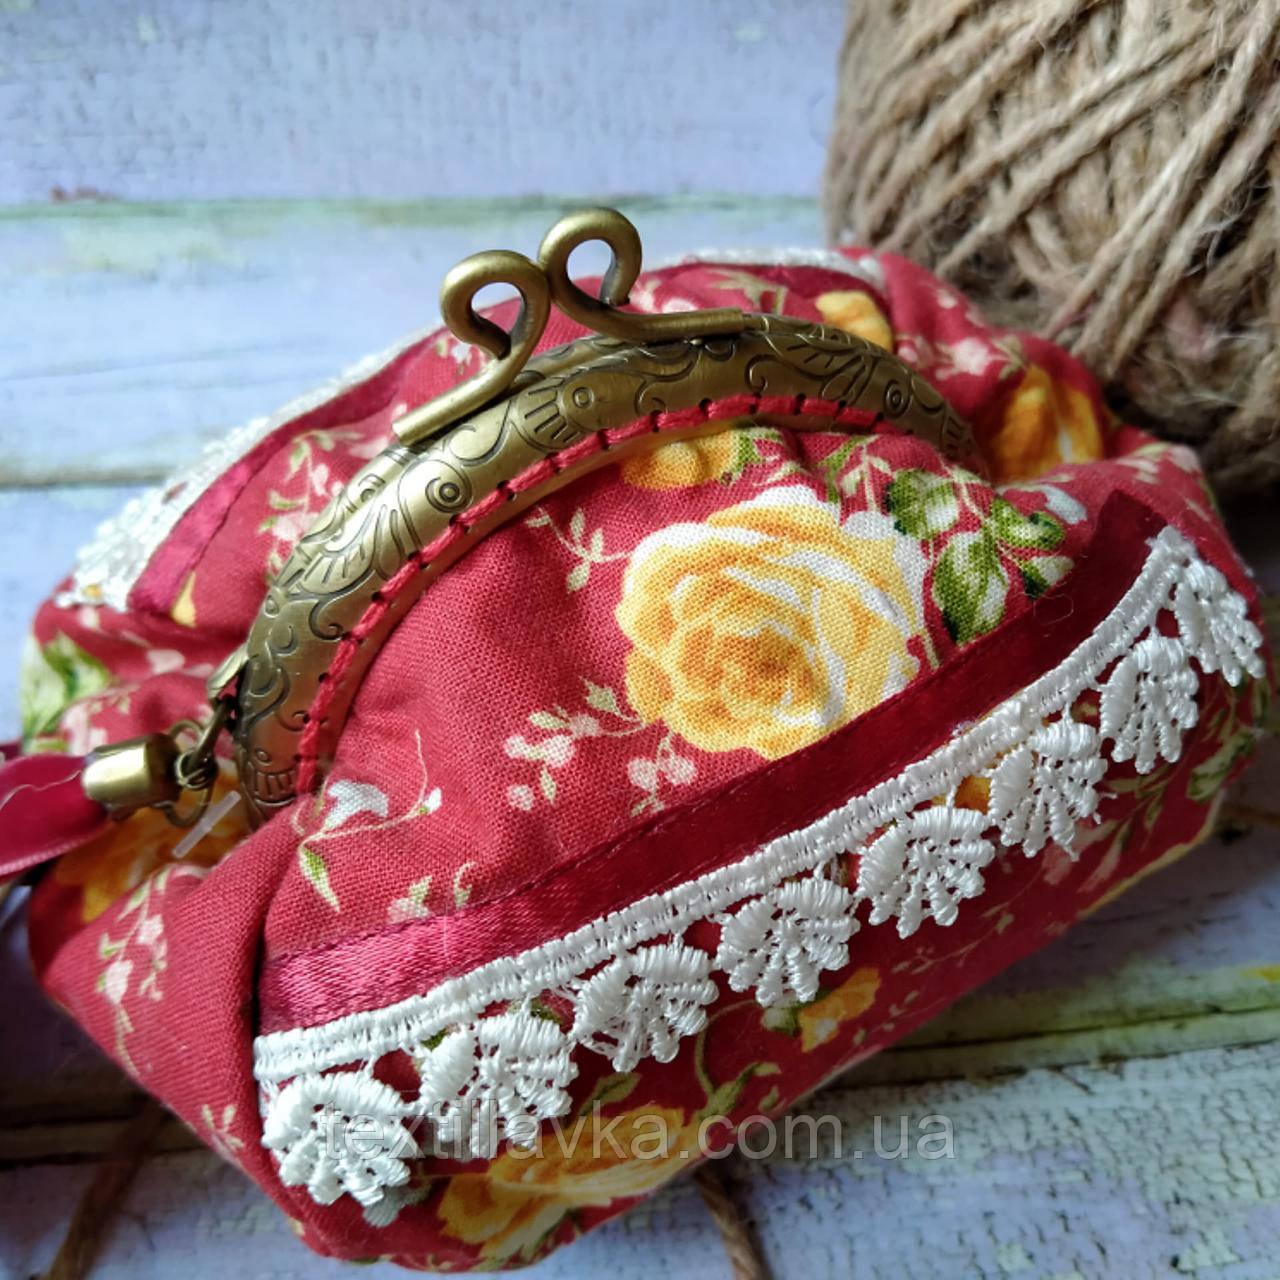 Текстильная сумочка с бронзовым фермуаром